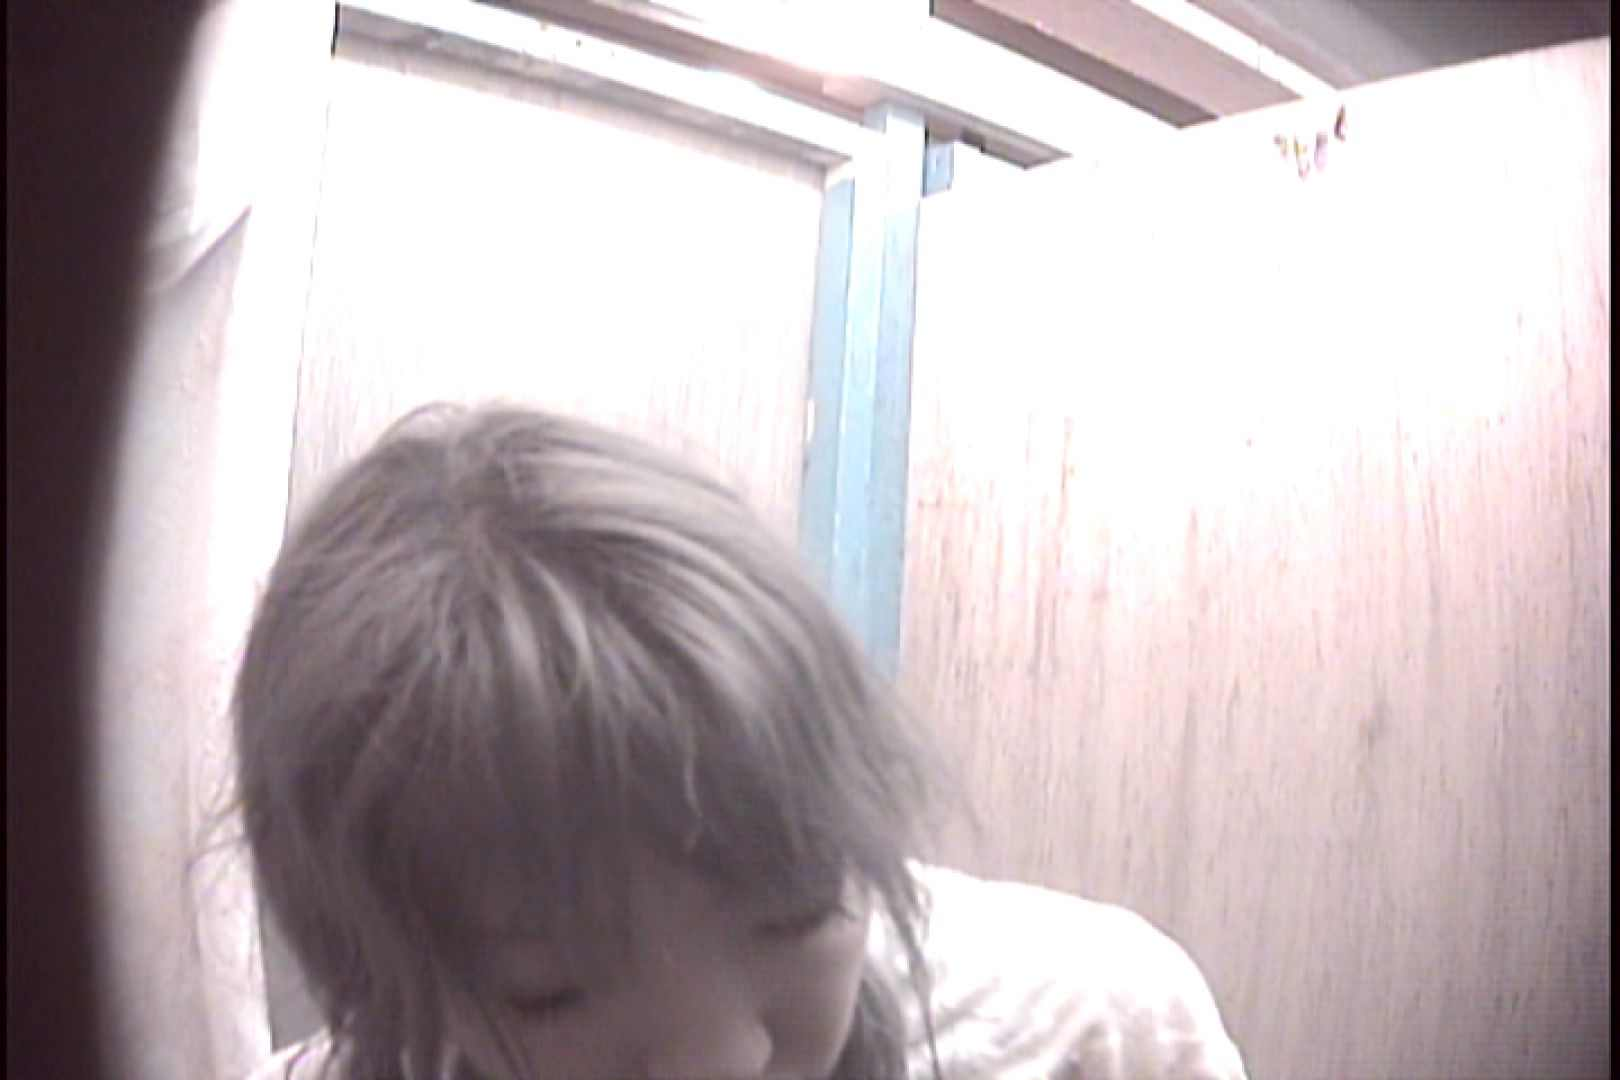 File.37 収穫の秋、こんなの取れました。必見です!【2011年20位】 シャワー室 ヌード画像 84枚 21